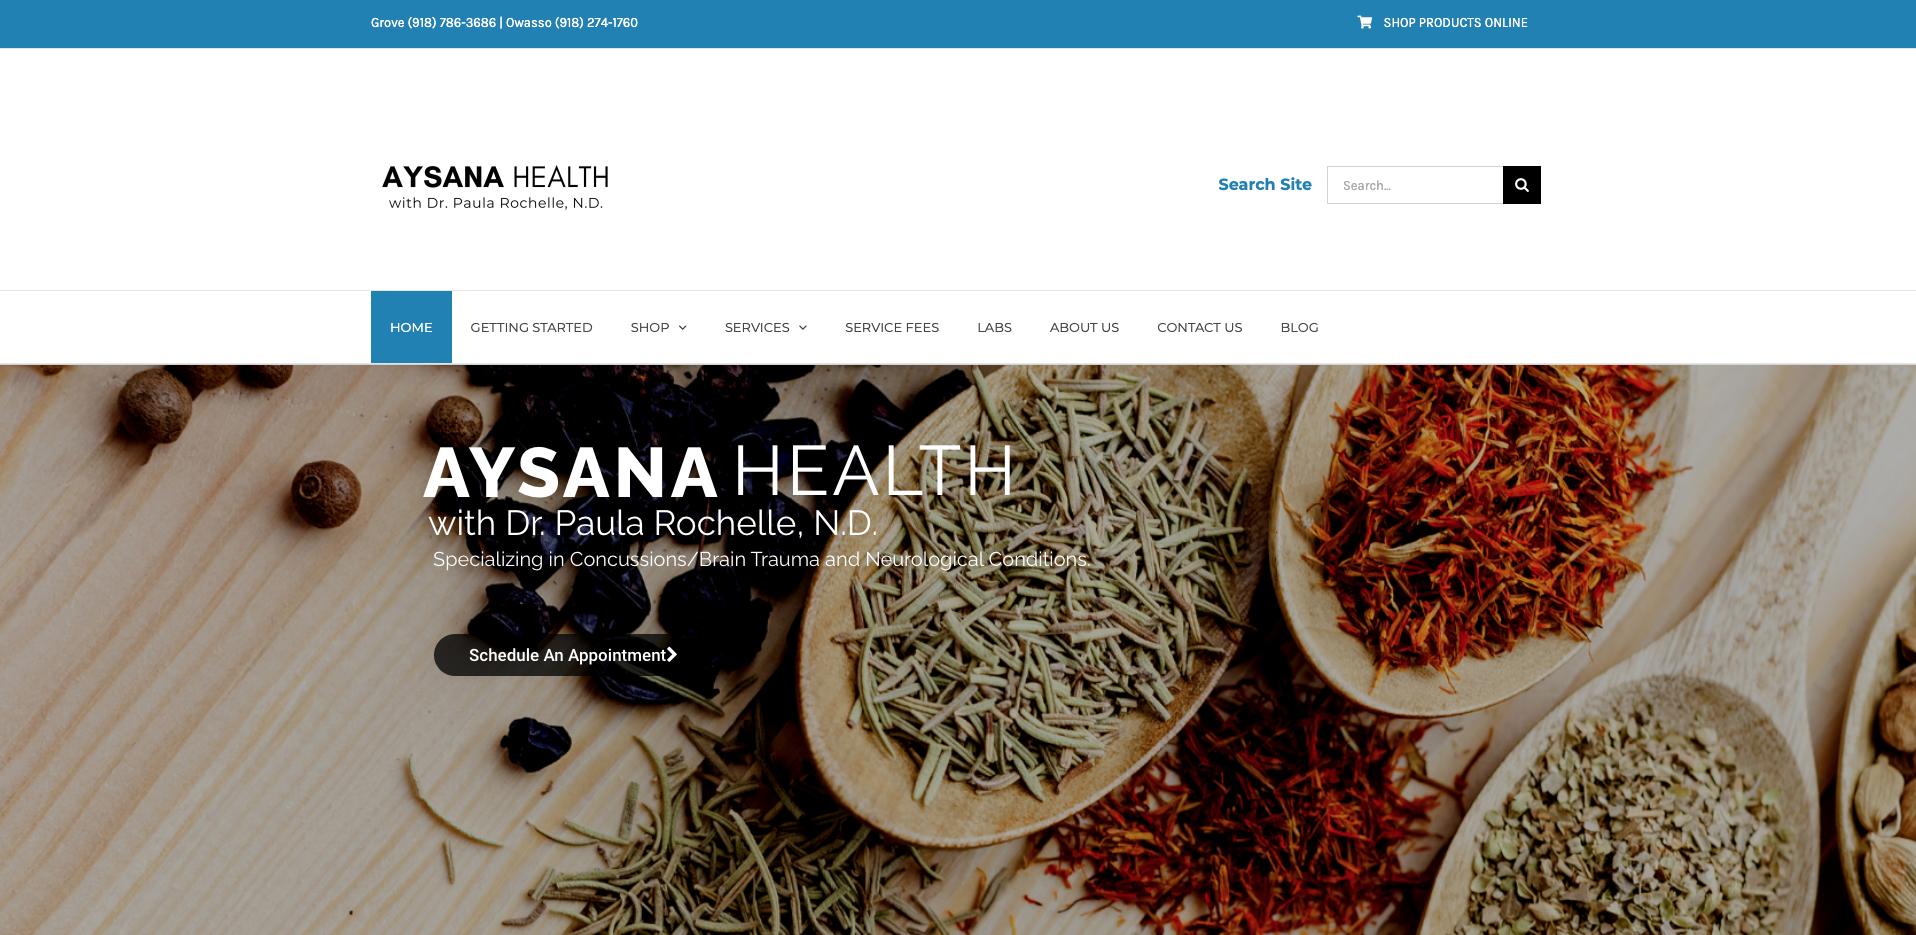 Aysana Health with Dr. Paula Rochelle, N.D.